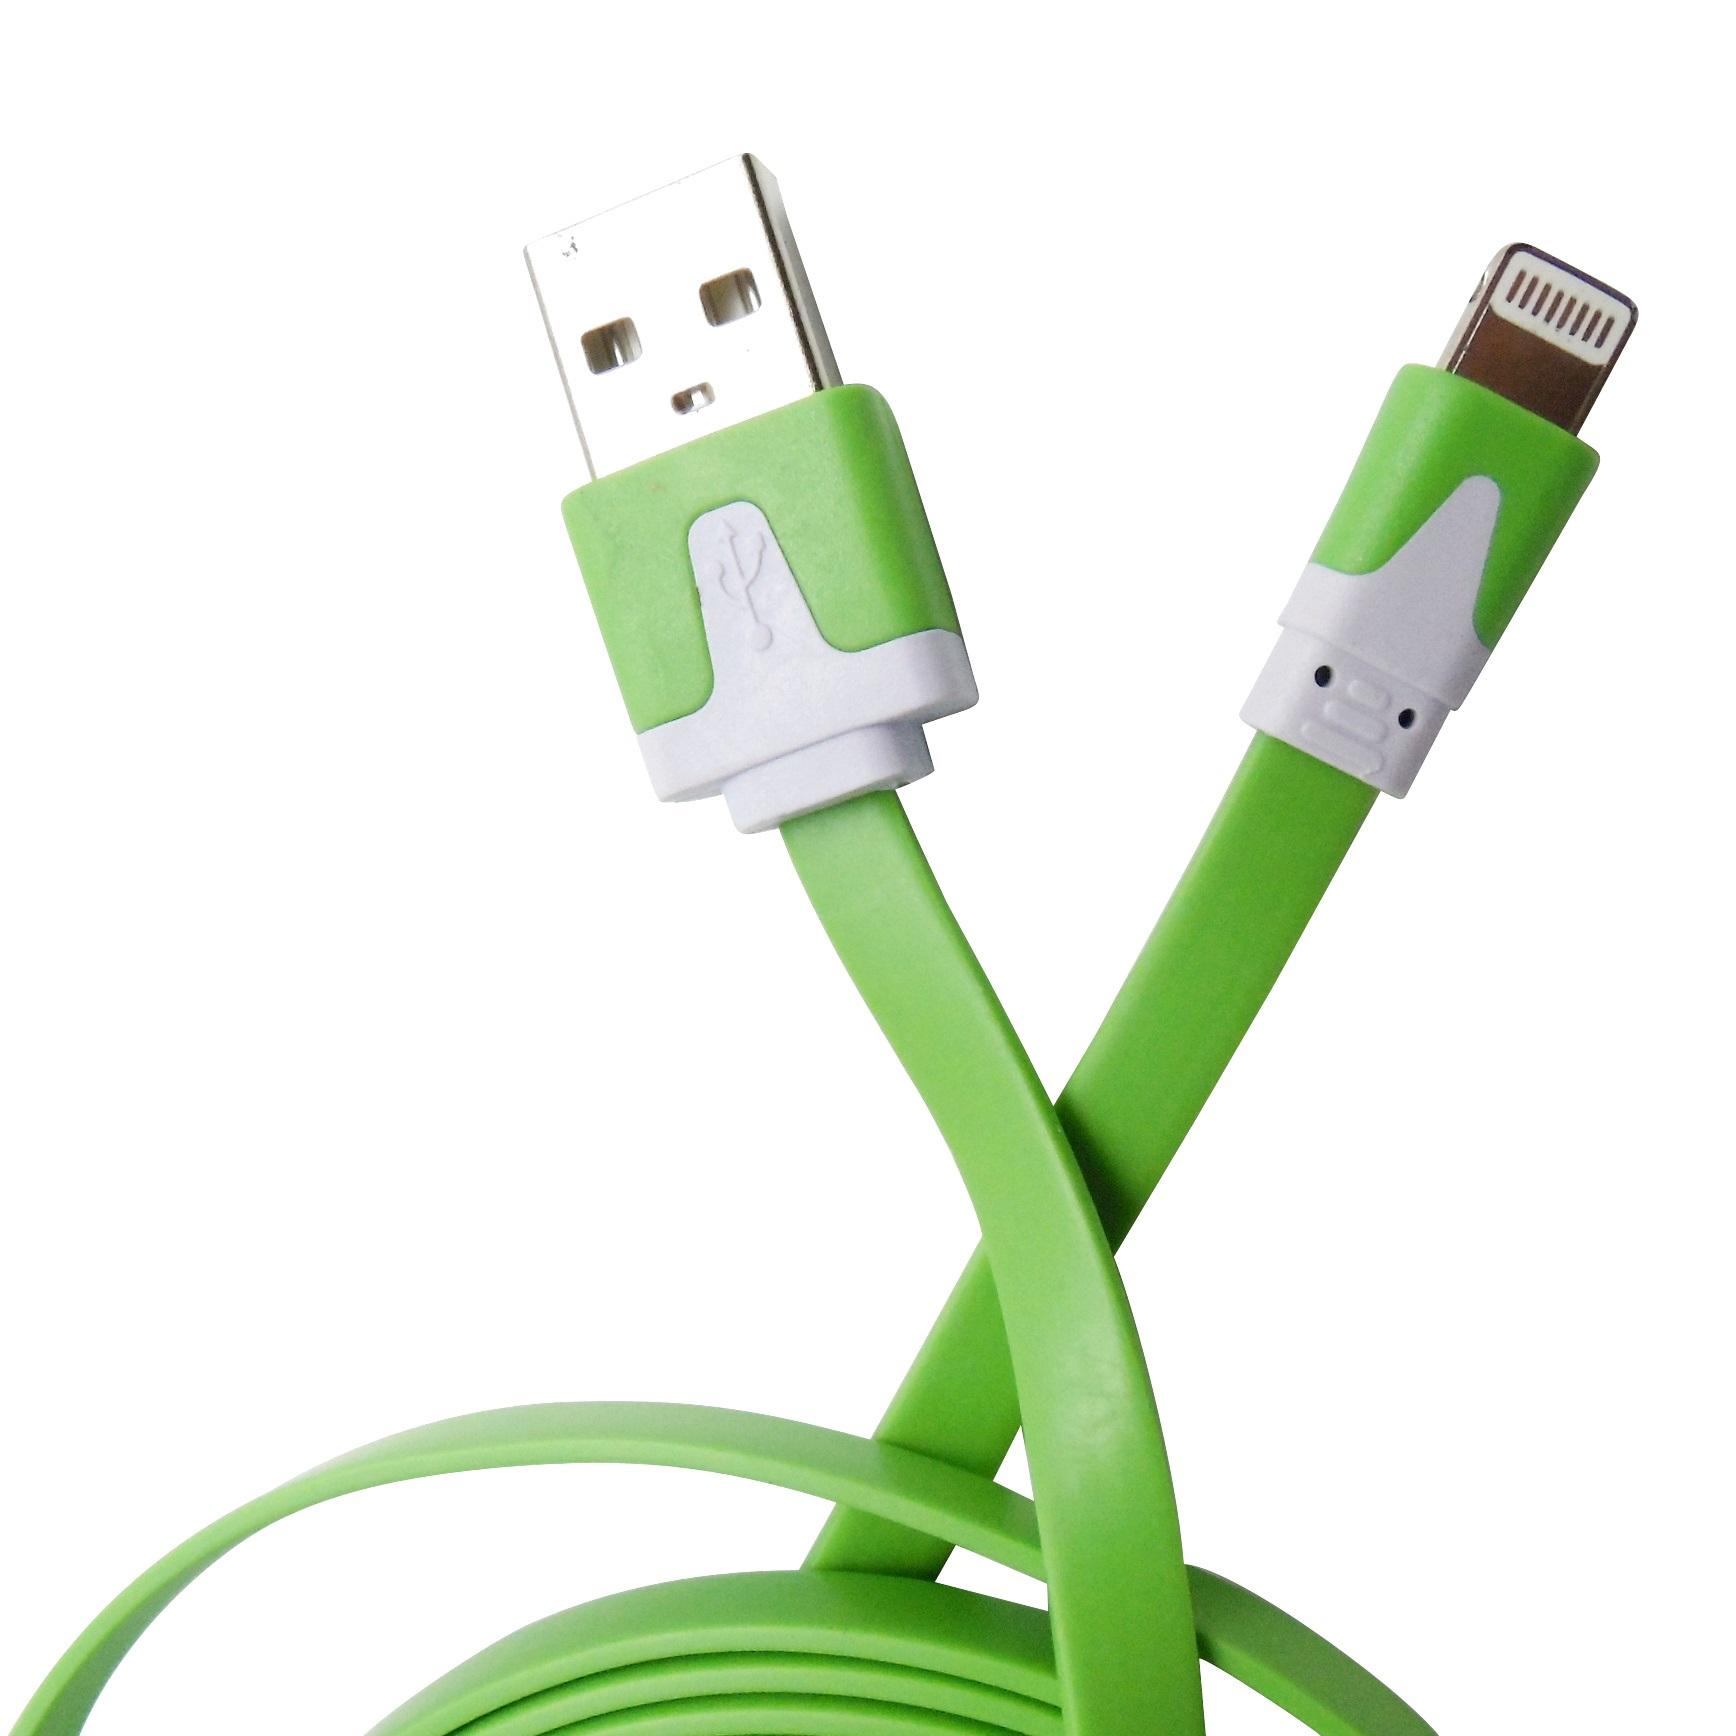 Cablu date si incarcare plat, mufa Lightning la USB 2.0, 3 metri, verde pentru Apple iPhone 5/5S/5C/SE/6/6S/6plus/6Splus/7/7plus/iPad/iPod